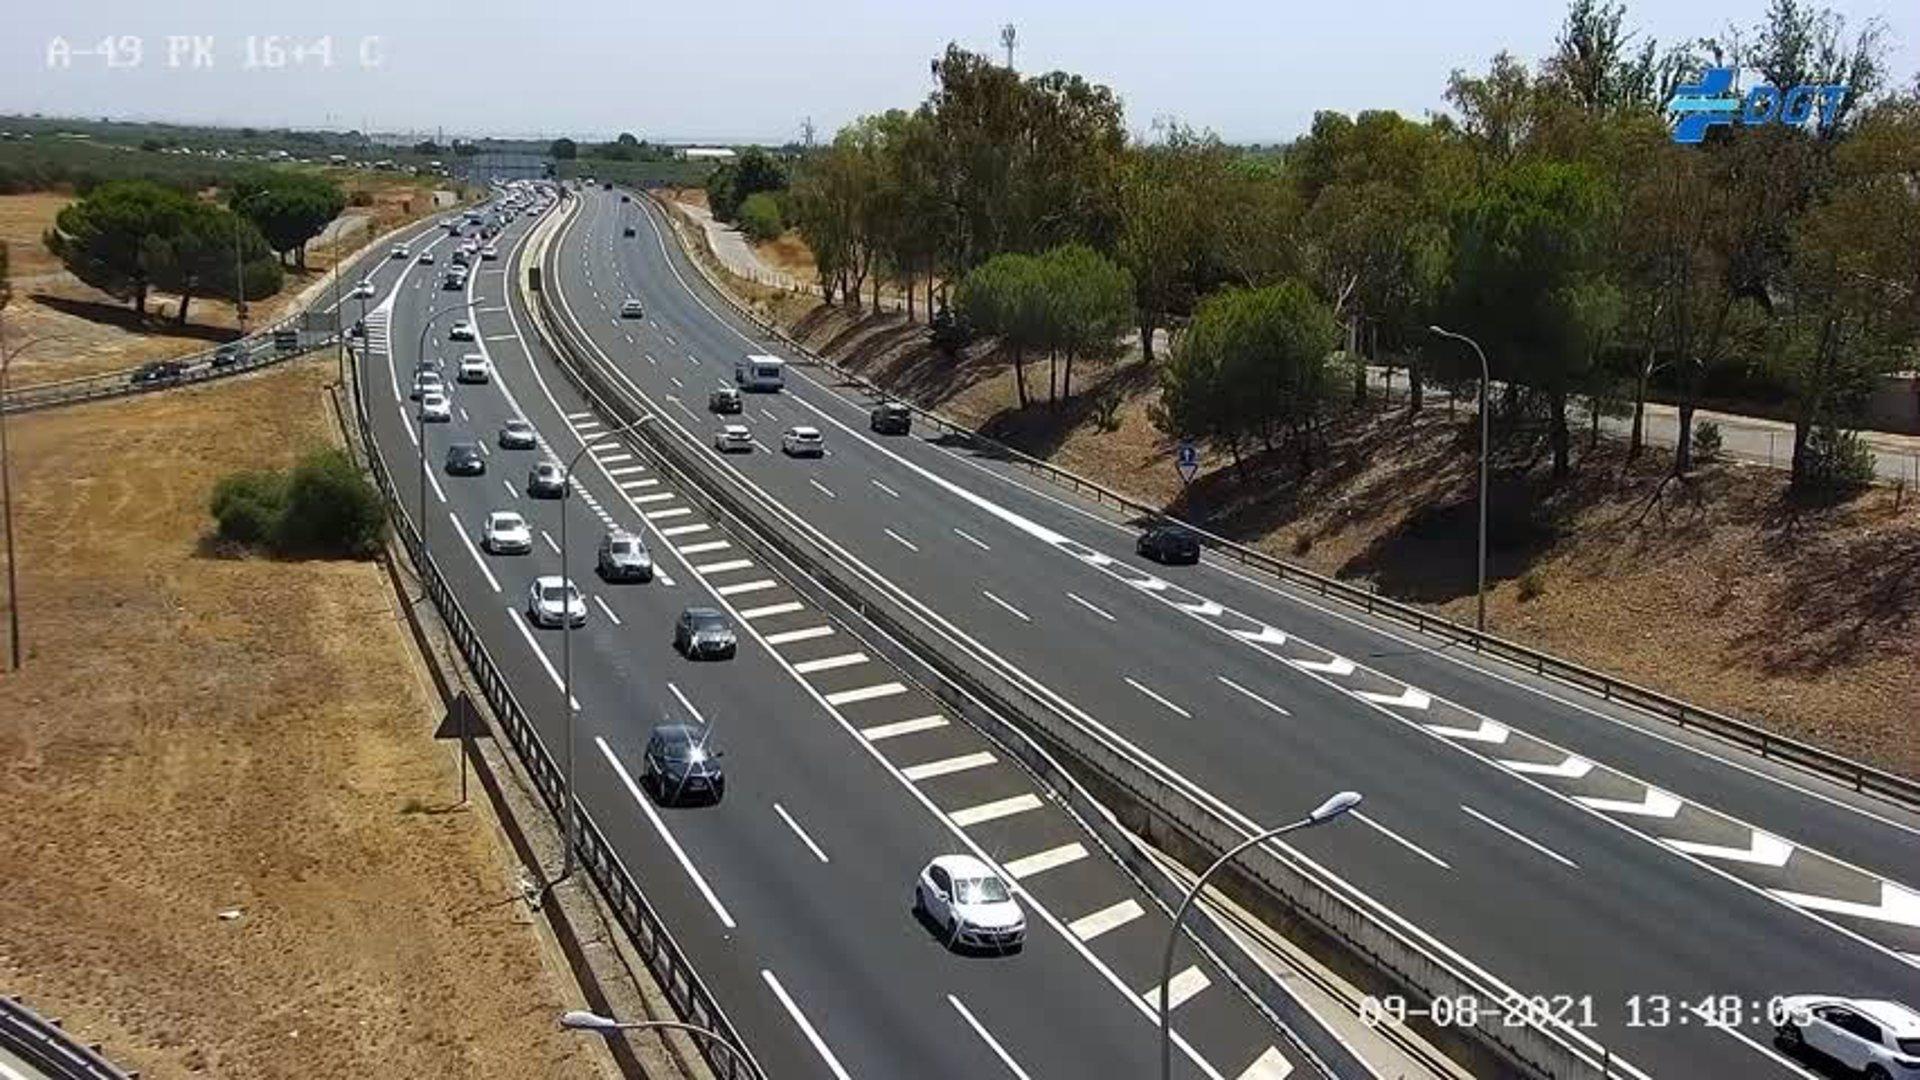 Operación especial de DGT con más de 1,5 millones de desplazamientos previstos en Andalucía por el puente del Pilar